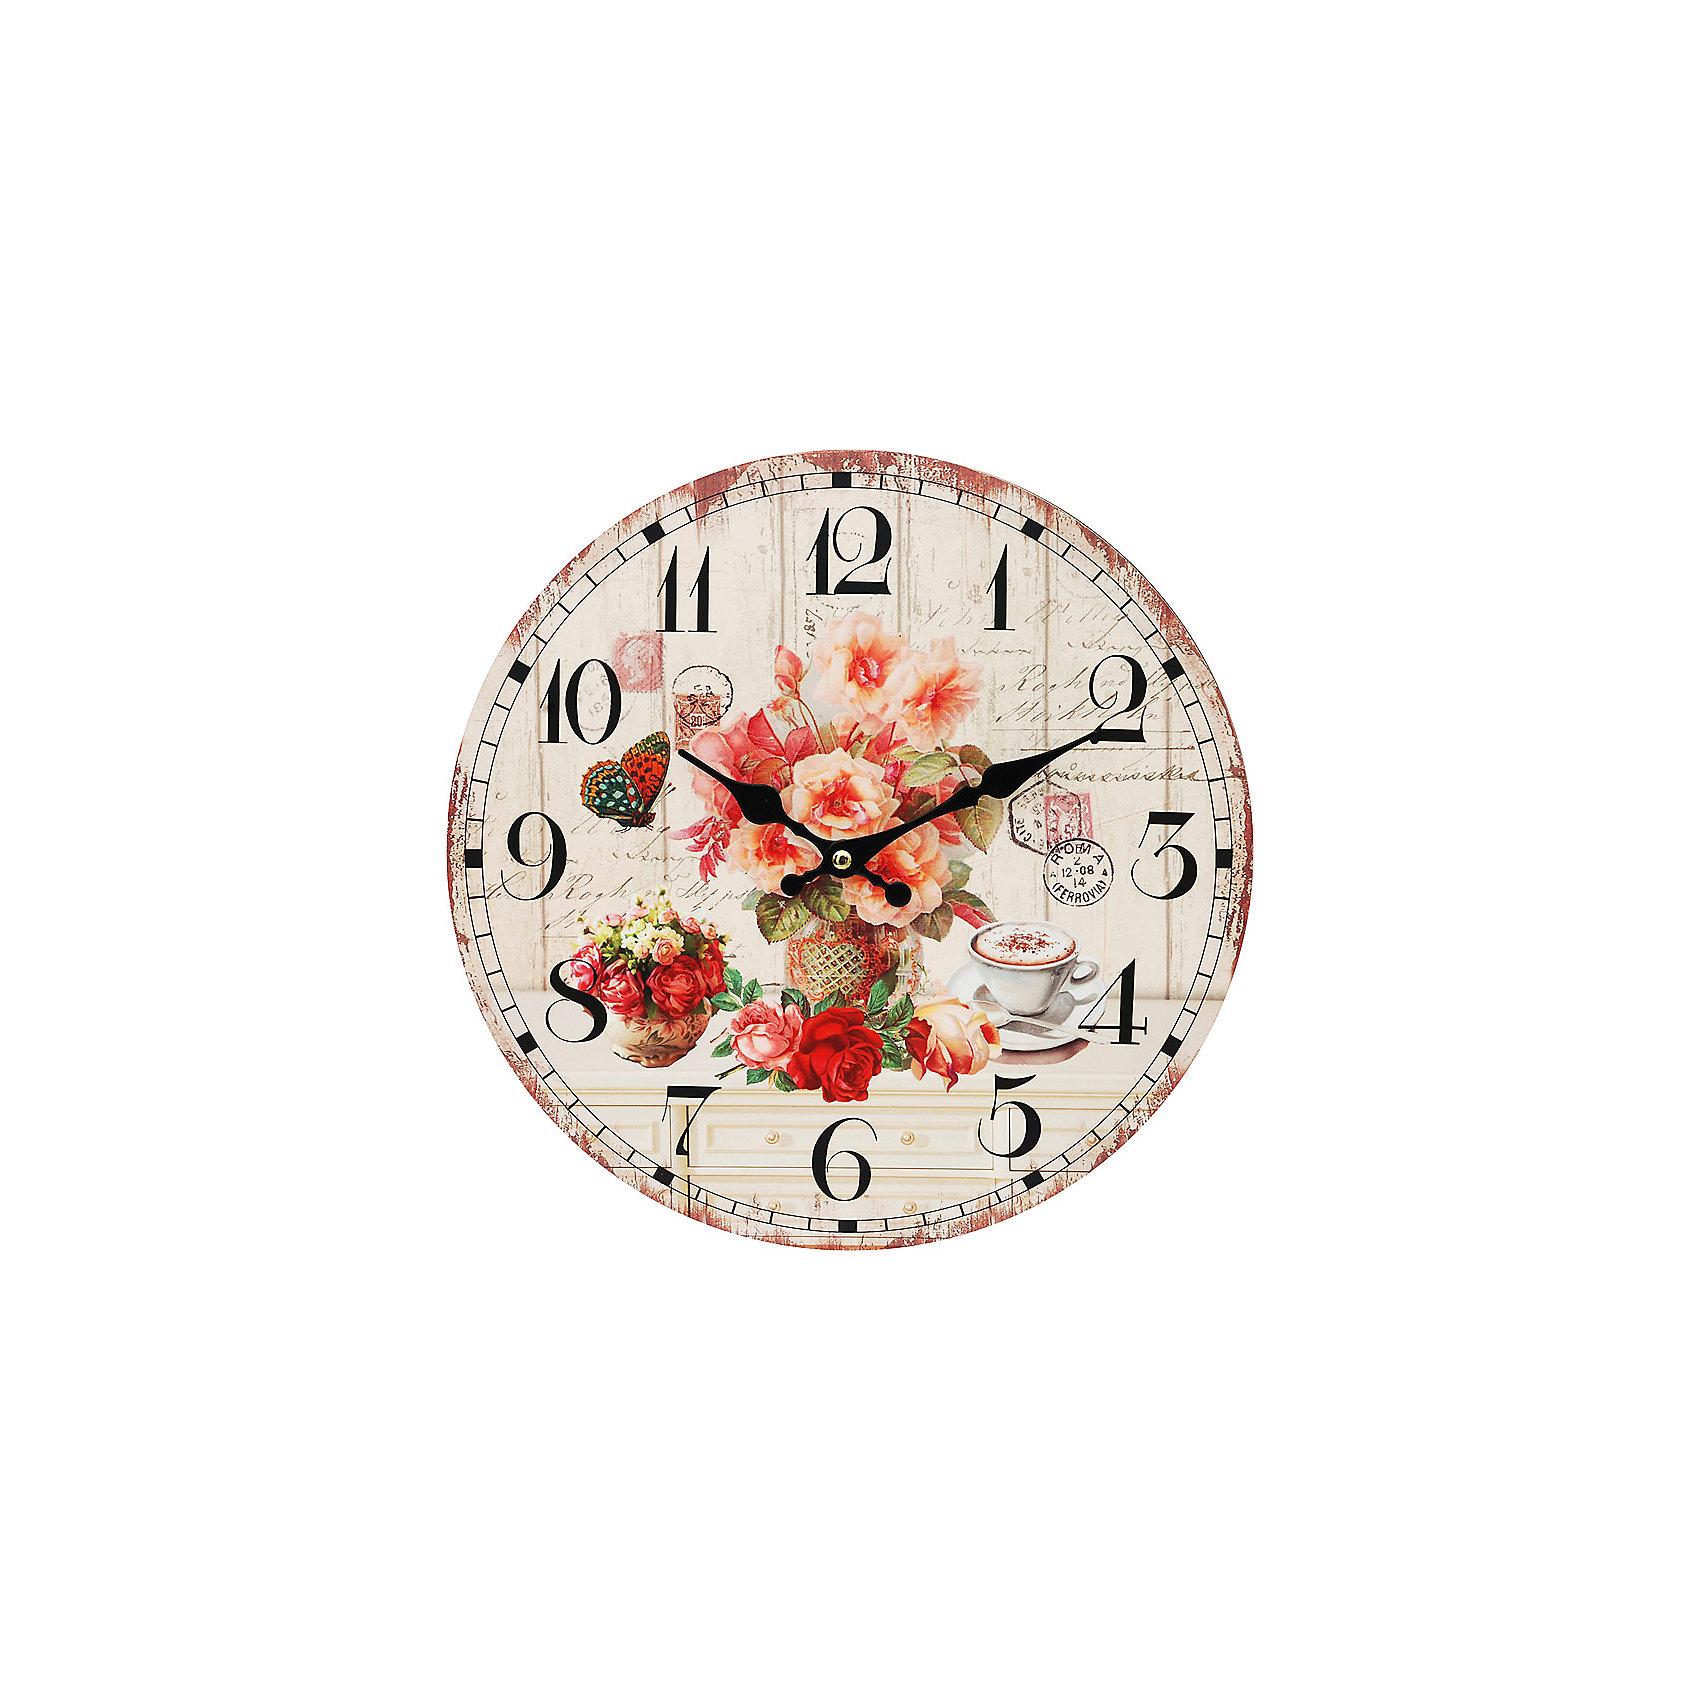 Часы настенные Розы и кофе, диаметр 34 смПредметы интерьера<br>Часы настенные Розы и кофе, диаметр 34 см.<br><br>Характеристики:<br><br>- Диаметр: 34 см.<br>- Две стрелки часовая и минутная<br>- Батарейка: 1 типа АА (в комплект не входит)<br>- Цвет: бледно-розовый, бронзовый, кремовый<br>- Упаковка картонная коробка<br><br>Кварцевые настенные часы с механизмом плавного хода помимо своего прямого назначения – показывать точное время – станут важным элементом декора Вашего дома, квартиры или офиса. Открытый циферблат часов выполнен из листа оргалита с декоративным покрытием, оформлен изображением чашечки кофе и цветочной композиции. Часовая и минутная стрелки металлические. Часовой механизм закрыт пластиковым корпусом. Часы будут стильным акцентом в интерьере и создадут дополнительный уют и хорошее настроение.<br><br>Часы настенные Розы и кофе, диаметр 34 см можно купить в нашем интернет-магазине.<br><br>Ширина мм: 345<br>Глубина мм: 340<br>Высота мм: 45<br>Вес г: 2500<br>Возраст от месяцев: 72<br>Возраст до месяцев: 144<br>Пол: Унисекс<br>Возраст: Детский<br>SKU: 5089820